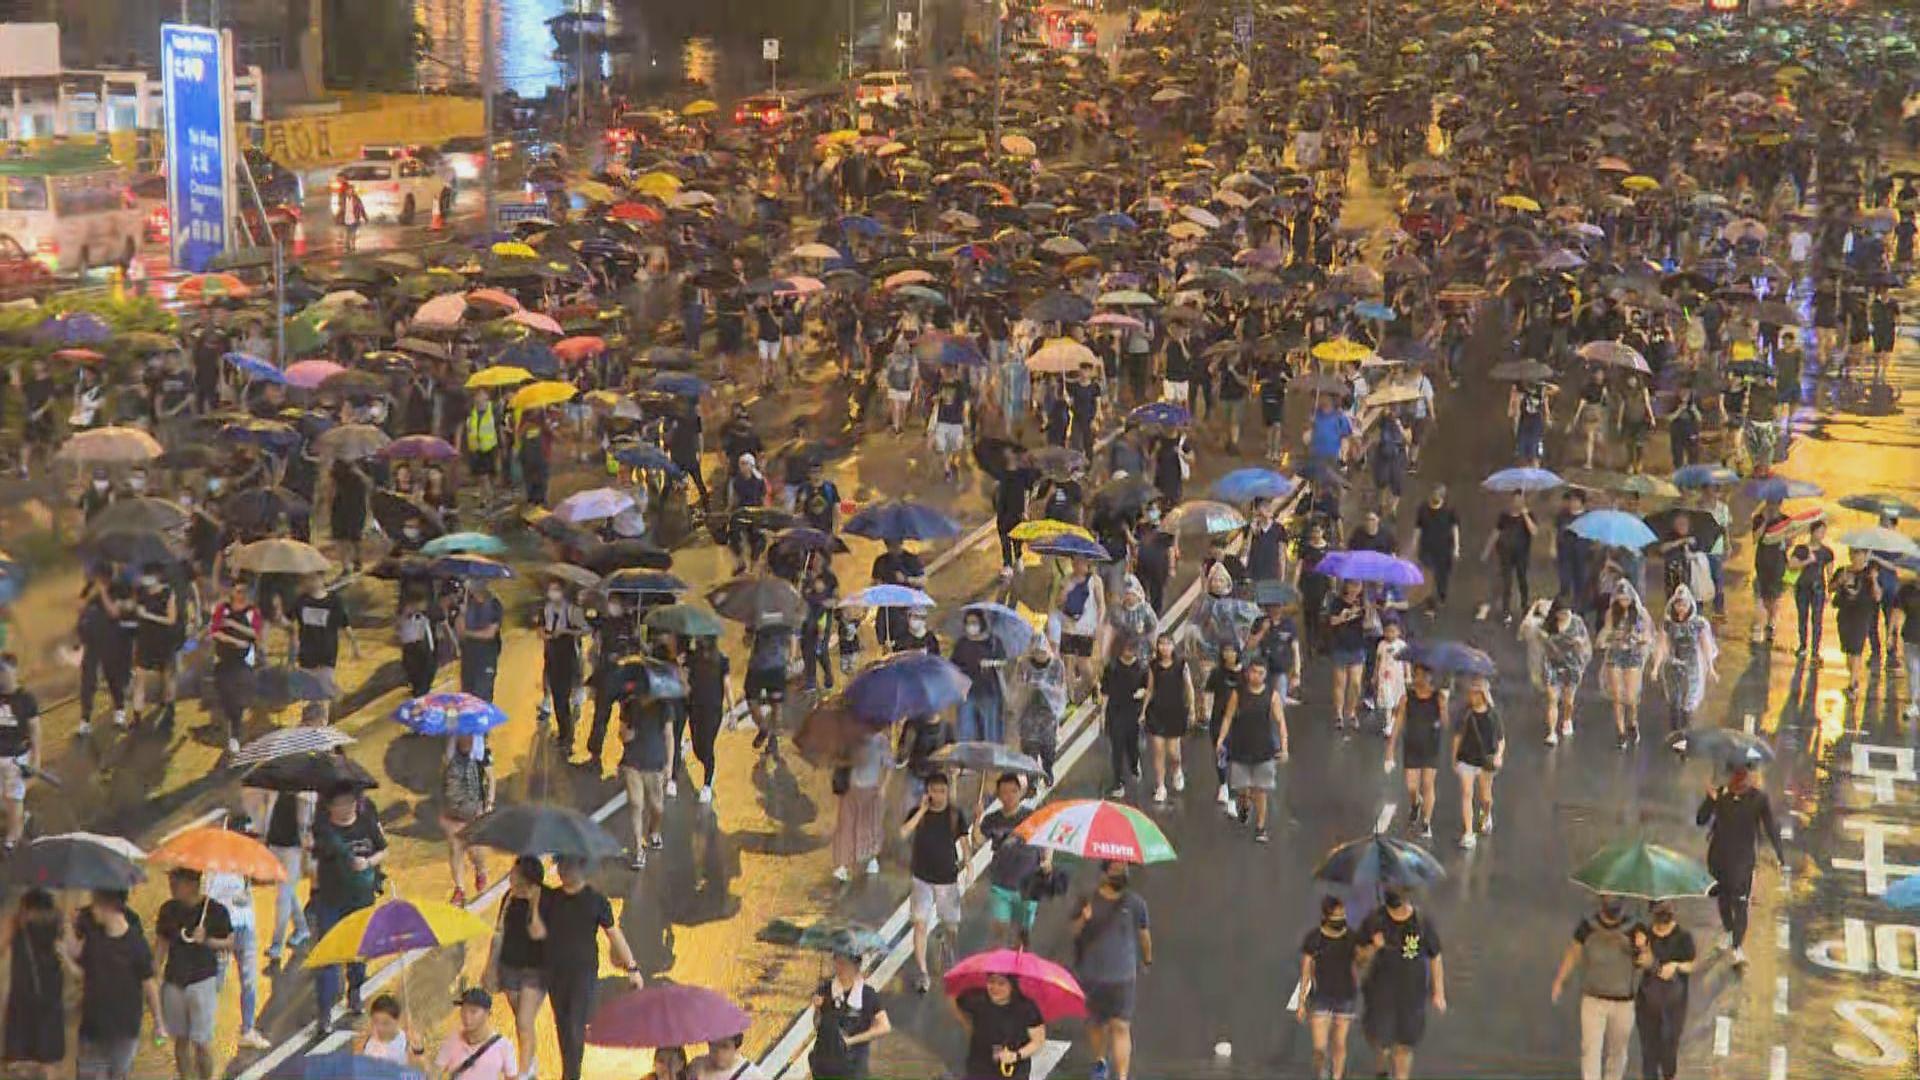 【民陣集會】市民指以和平方式表達意見促政府回應五大訴求